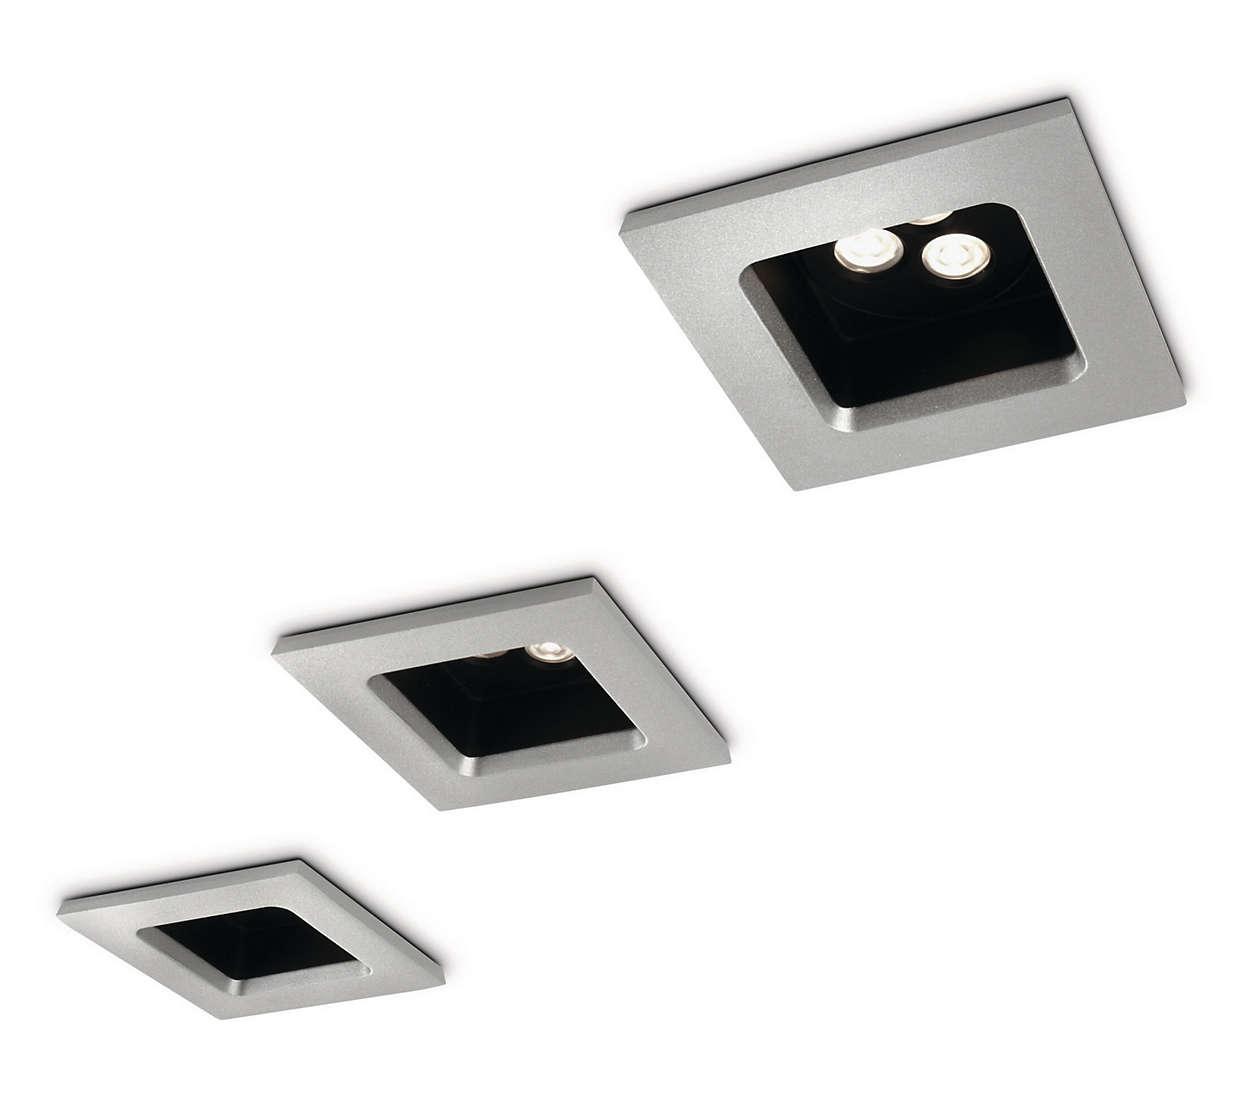 巧妙結合照明功能與設計感